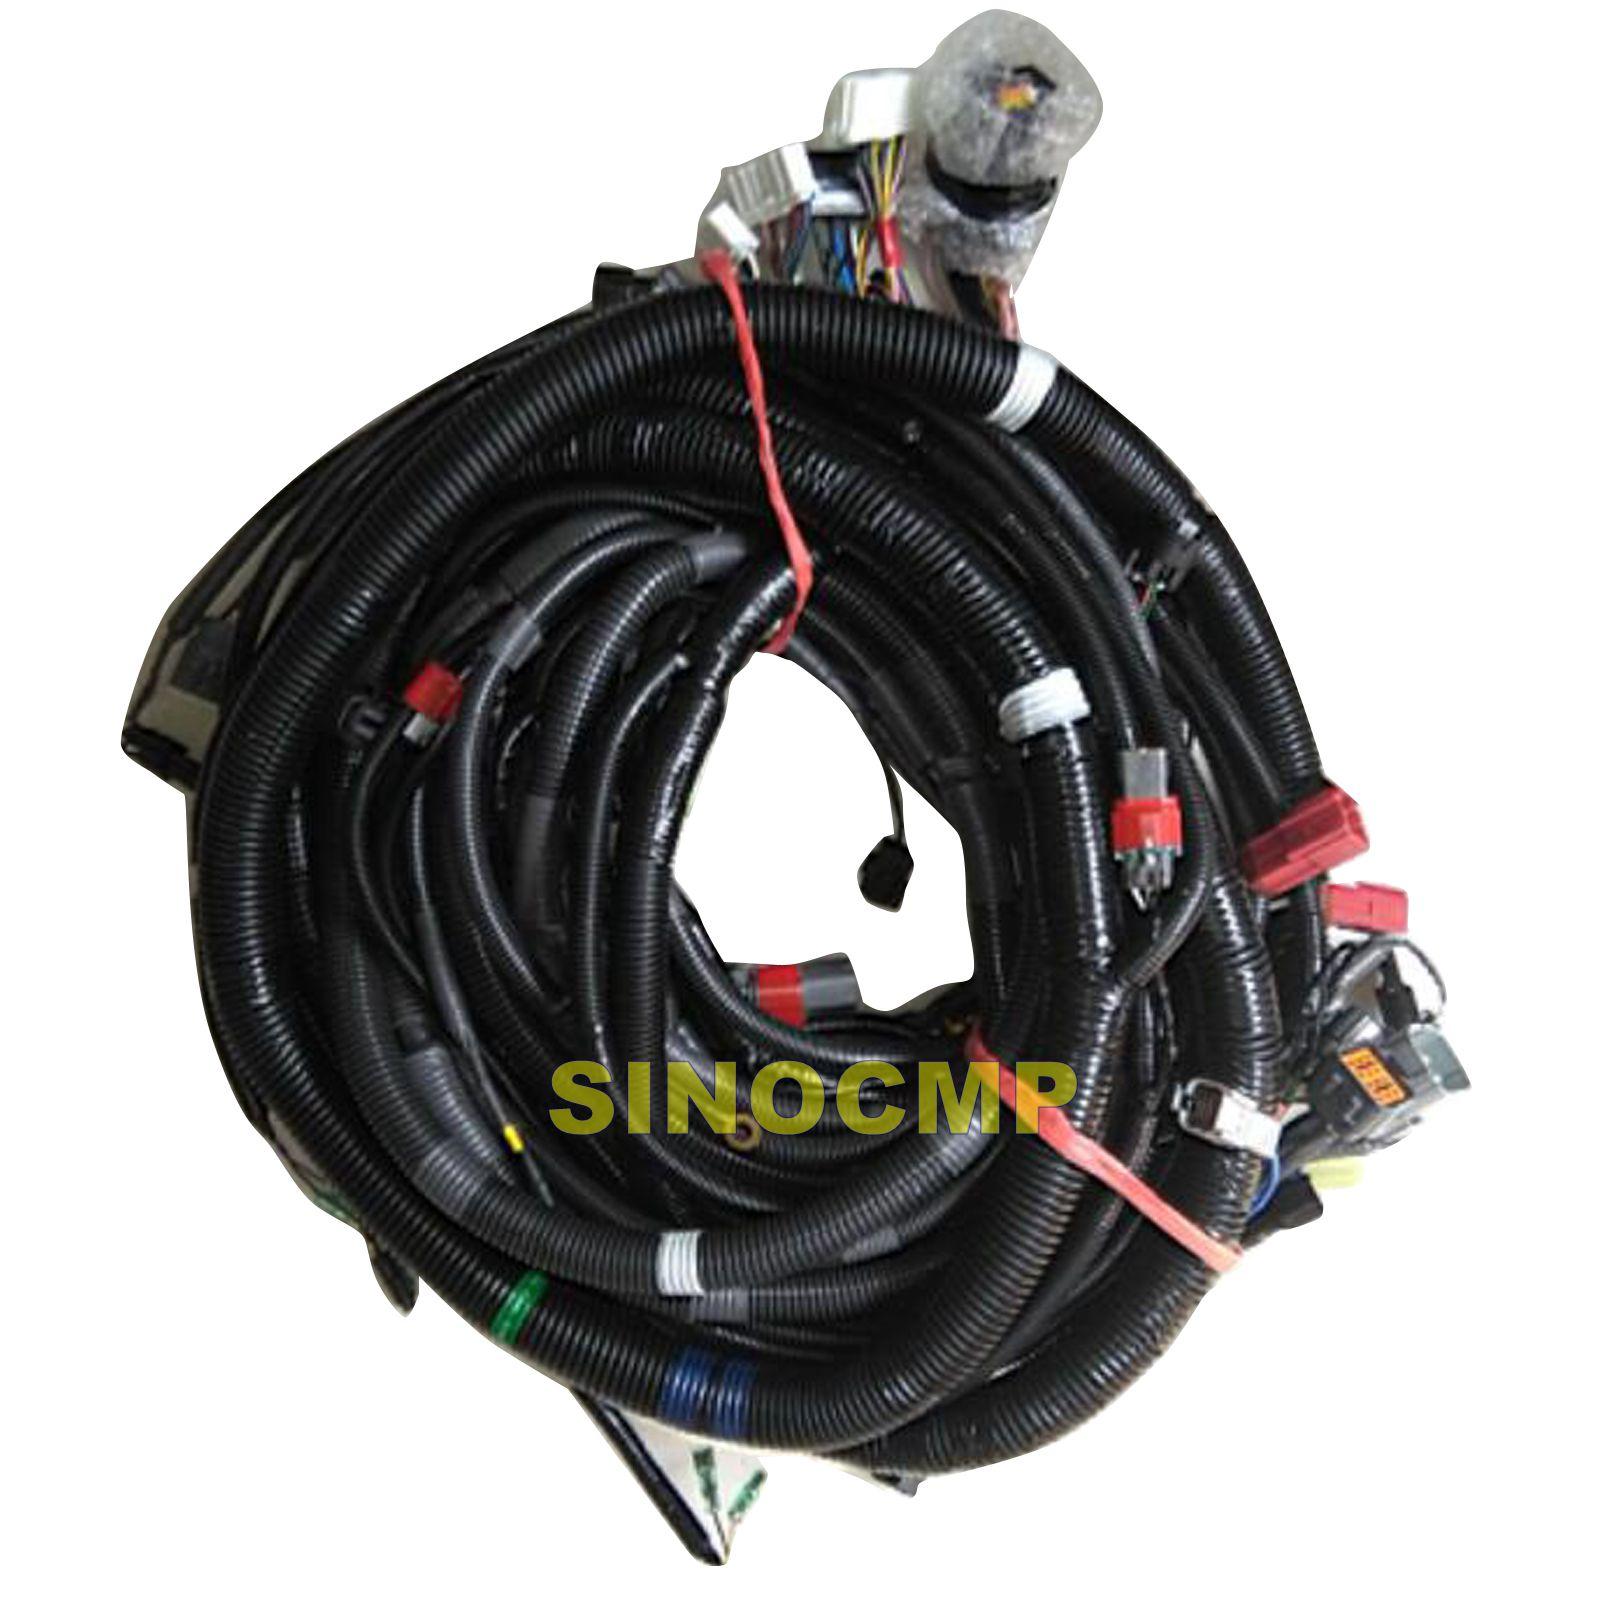 Lado Exterior Externo Arnés de cableado para SH210-5 ... on kubota wiring, cooper wiring, denso wiring, toyota wiring, ford wiring, massey ferguson wiring, bosch wiring, john deere wiring, delta wiring,